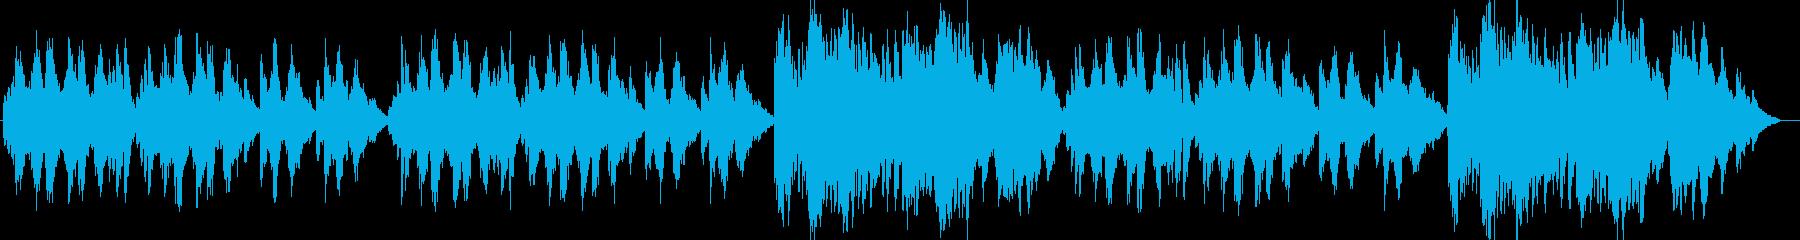 切なく感動的なオルガンサウンドの再生済みの波形